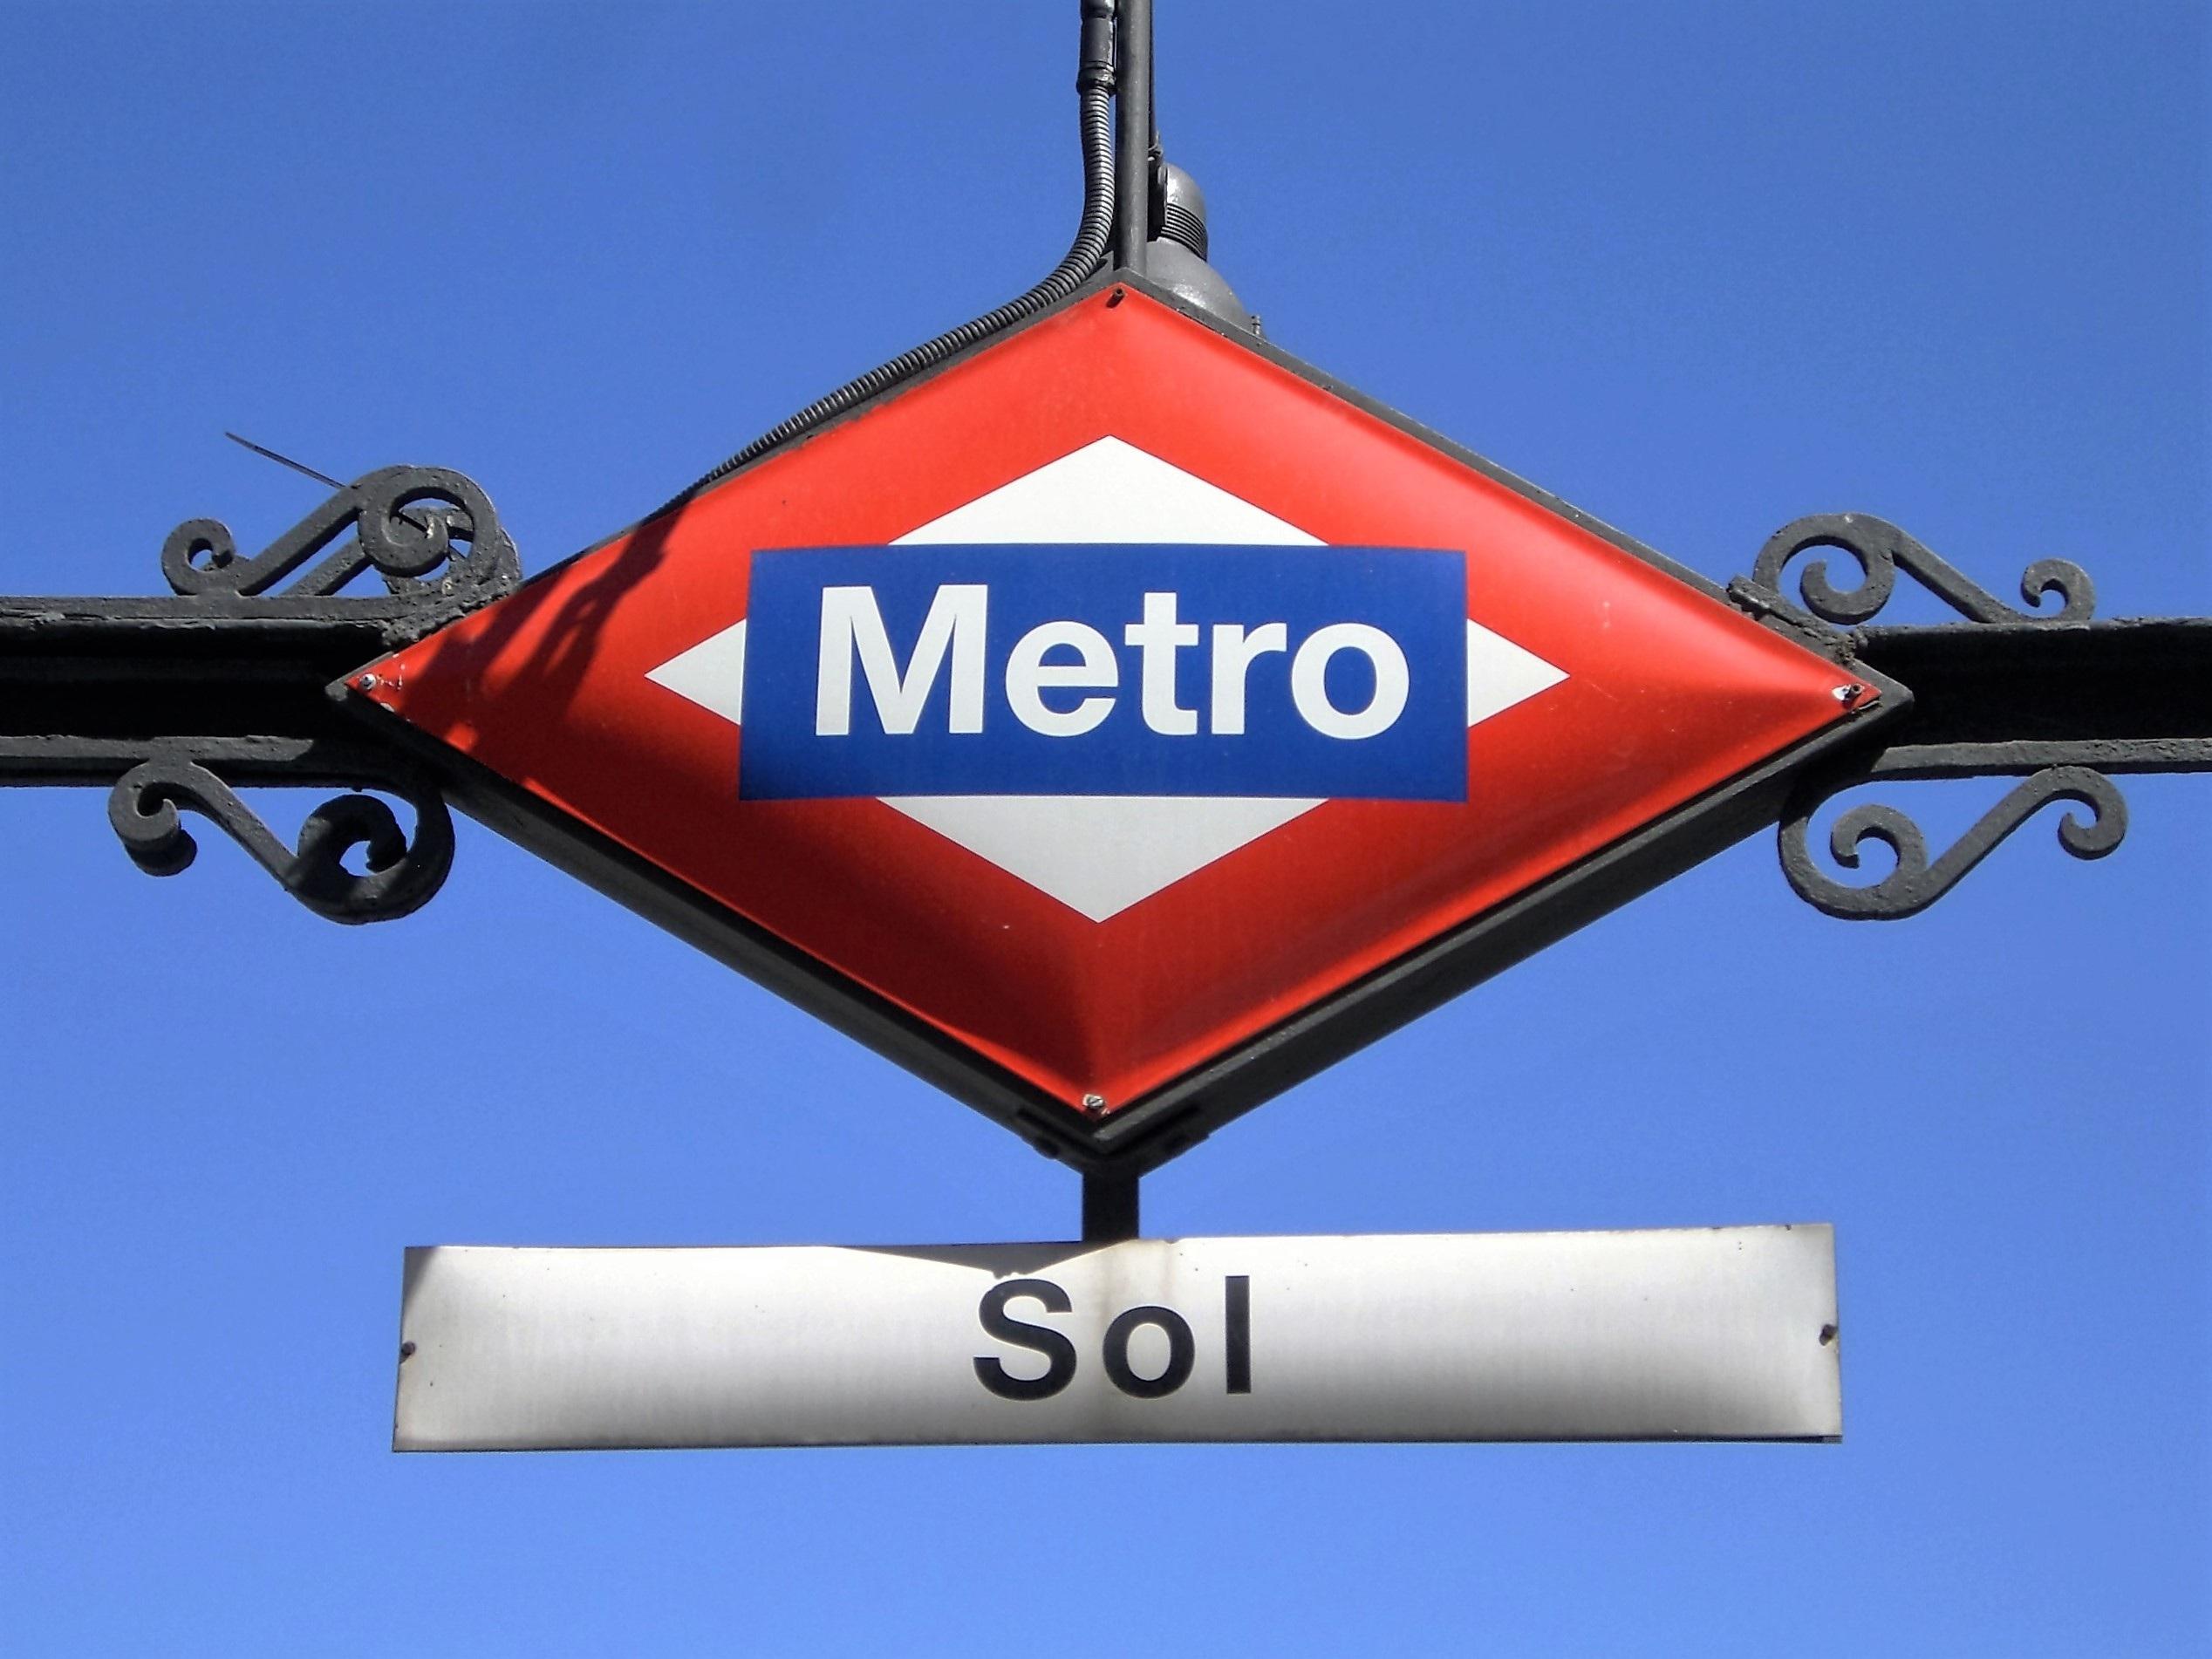 Fotos gratis : publicidad, aeronave, metro, subterráneo, transporte ...